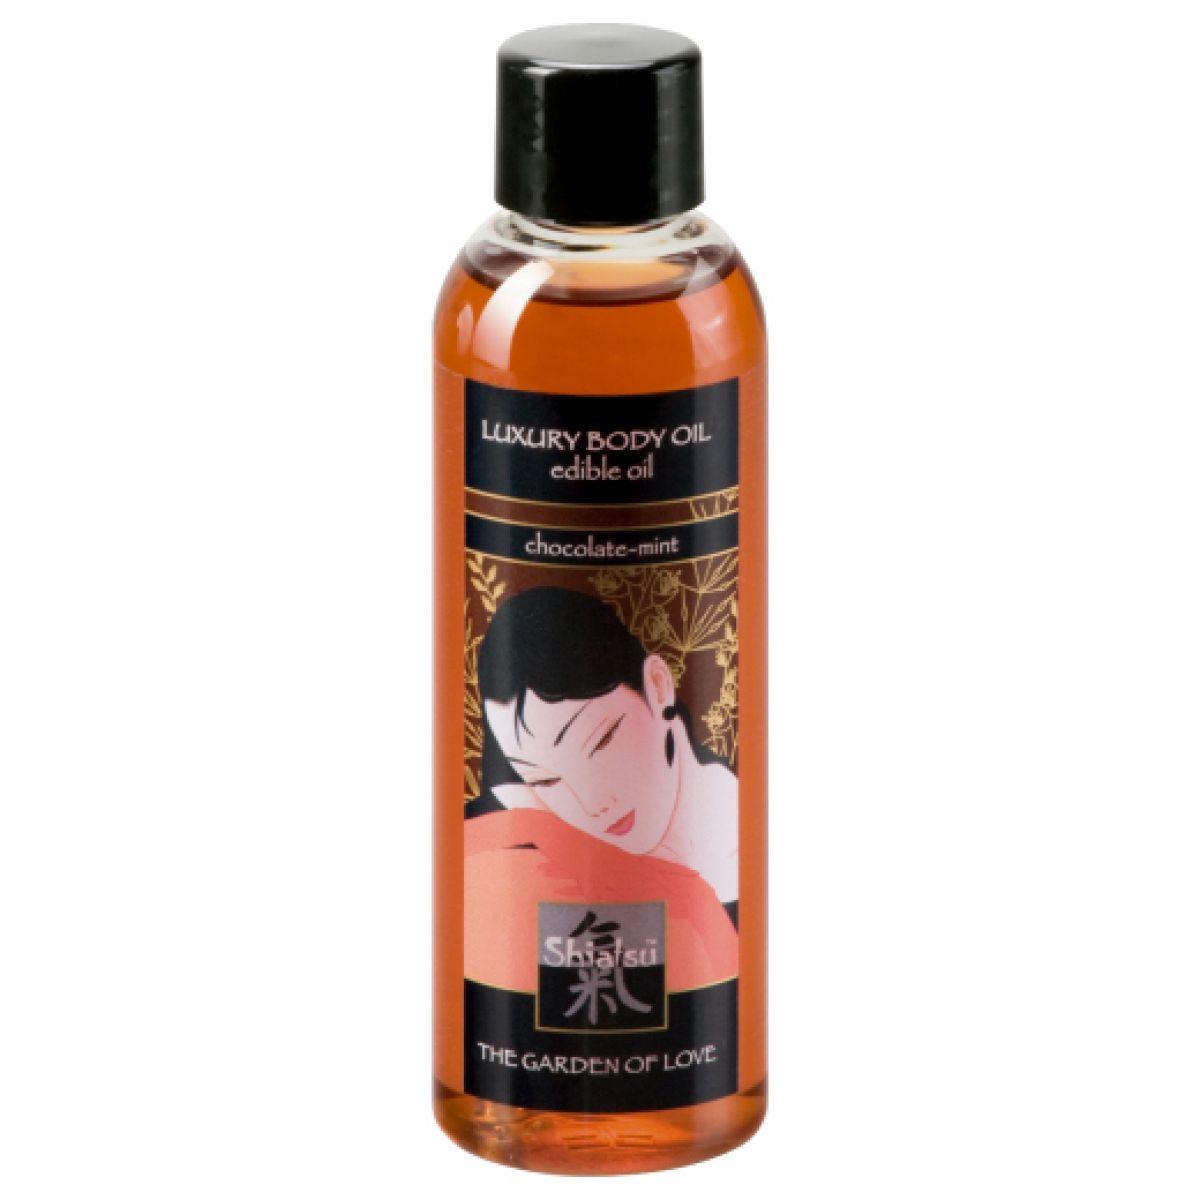 Съедобное масло для тела с шоколадно-мятным ароматом 100 мл Shiatsu